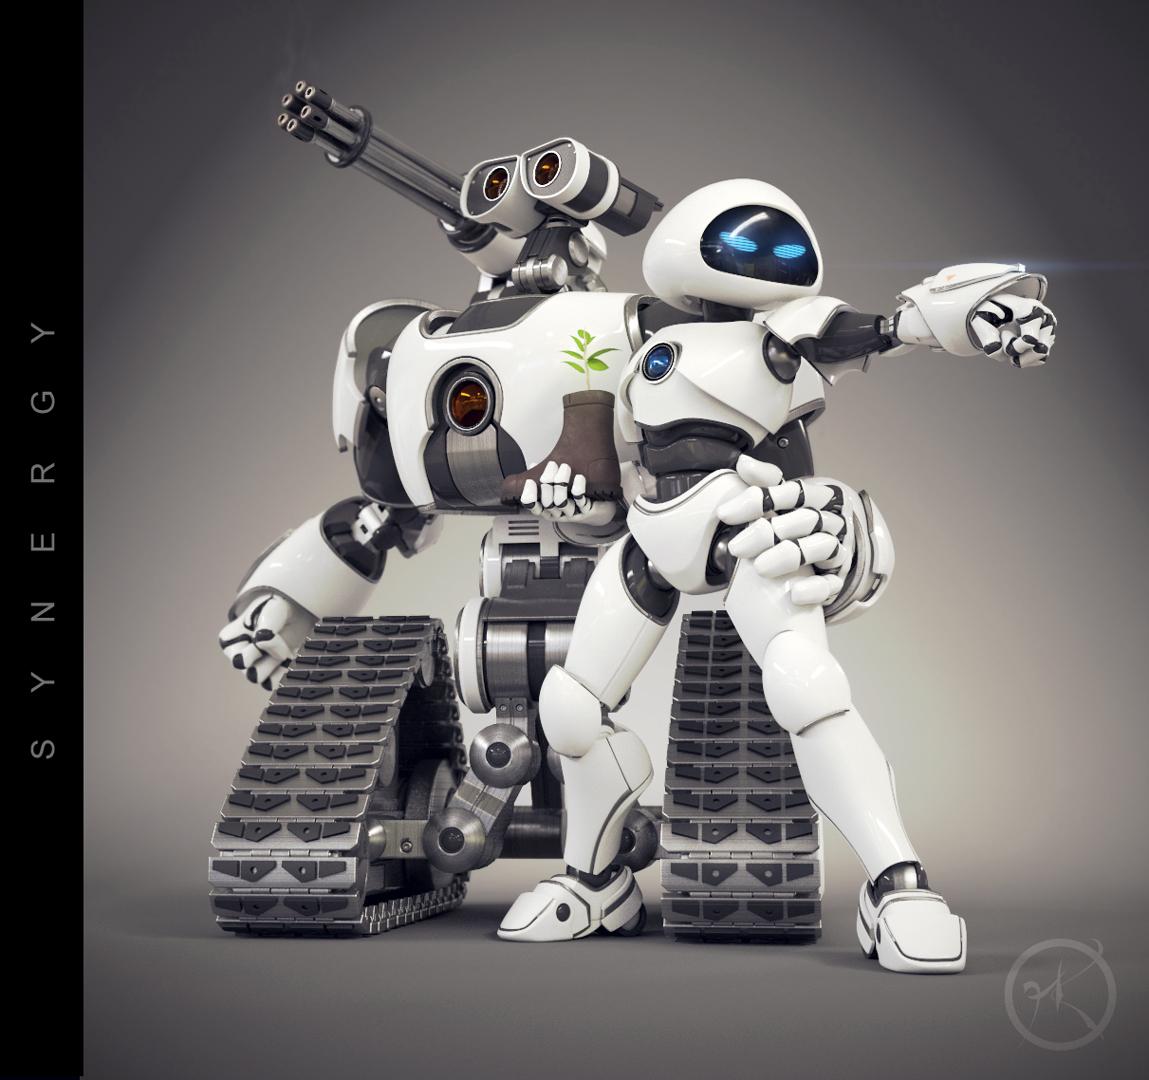 Ххх мультик роботом 1 фотография